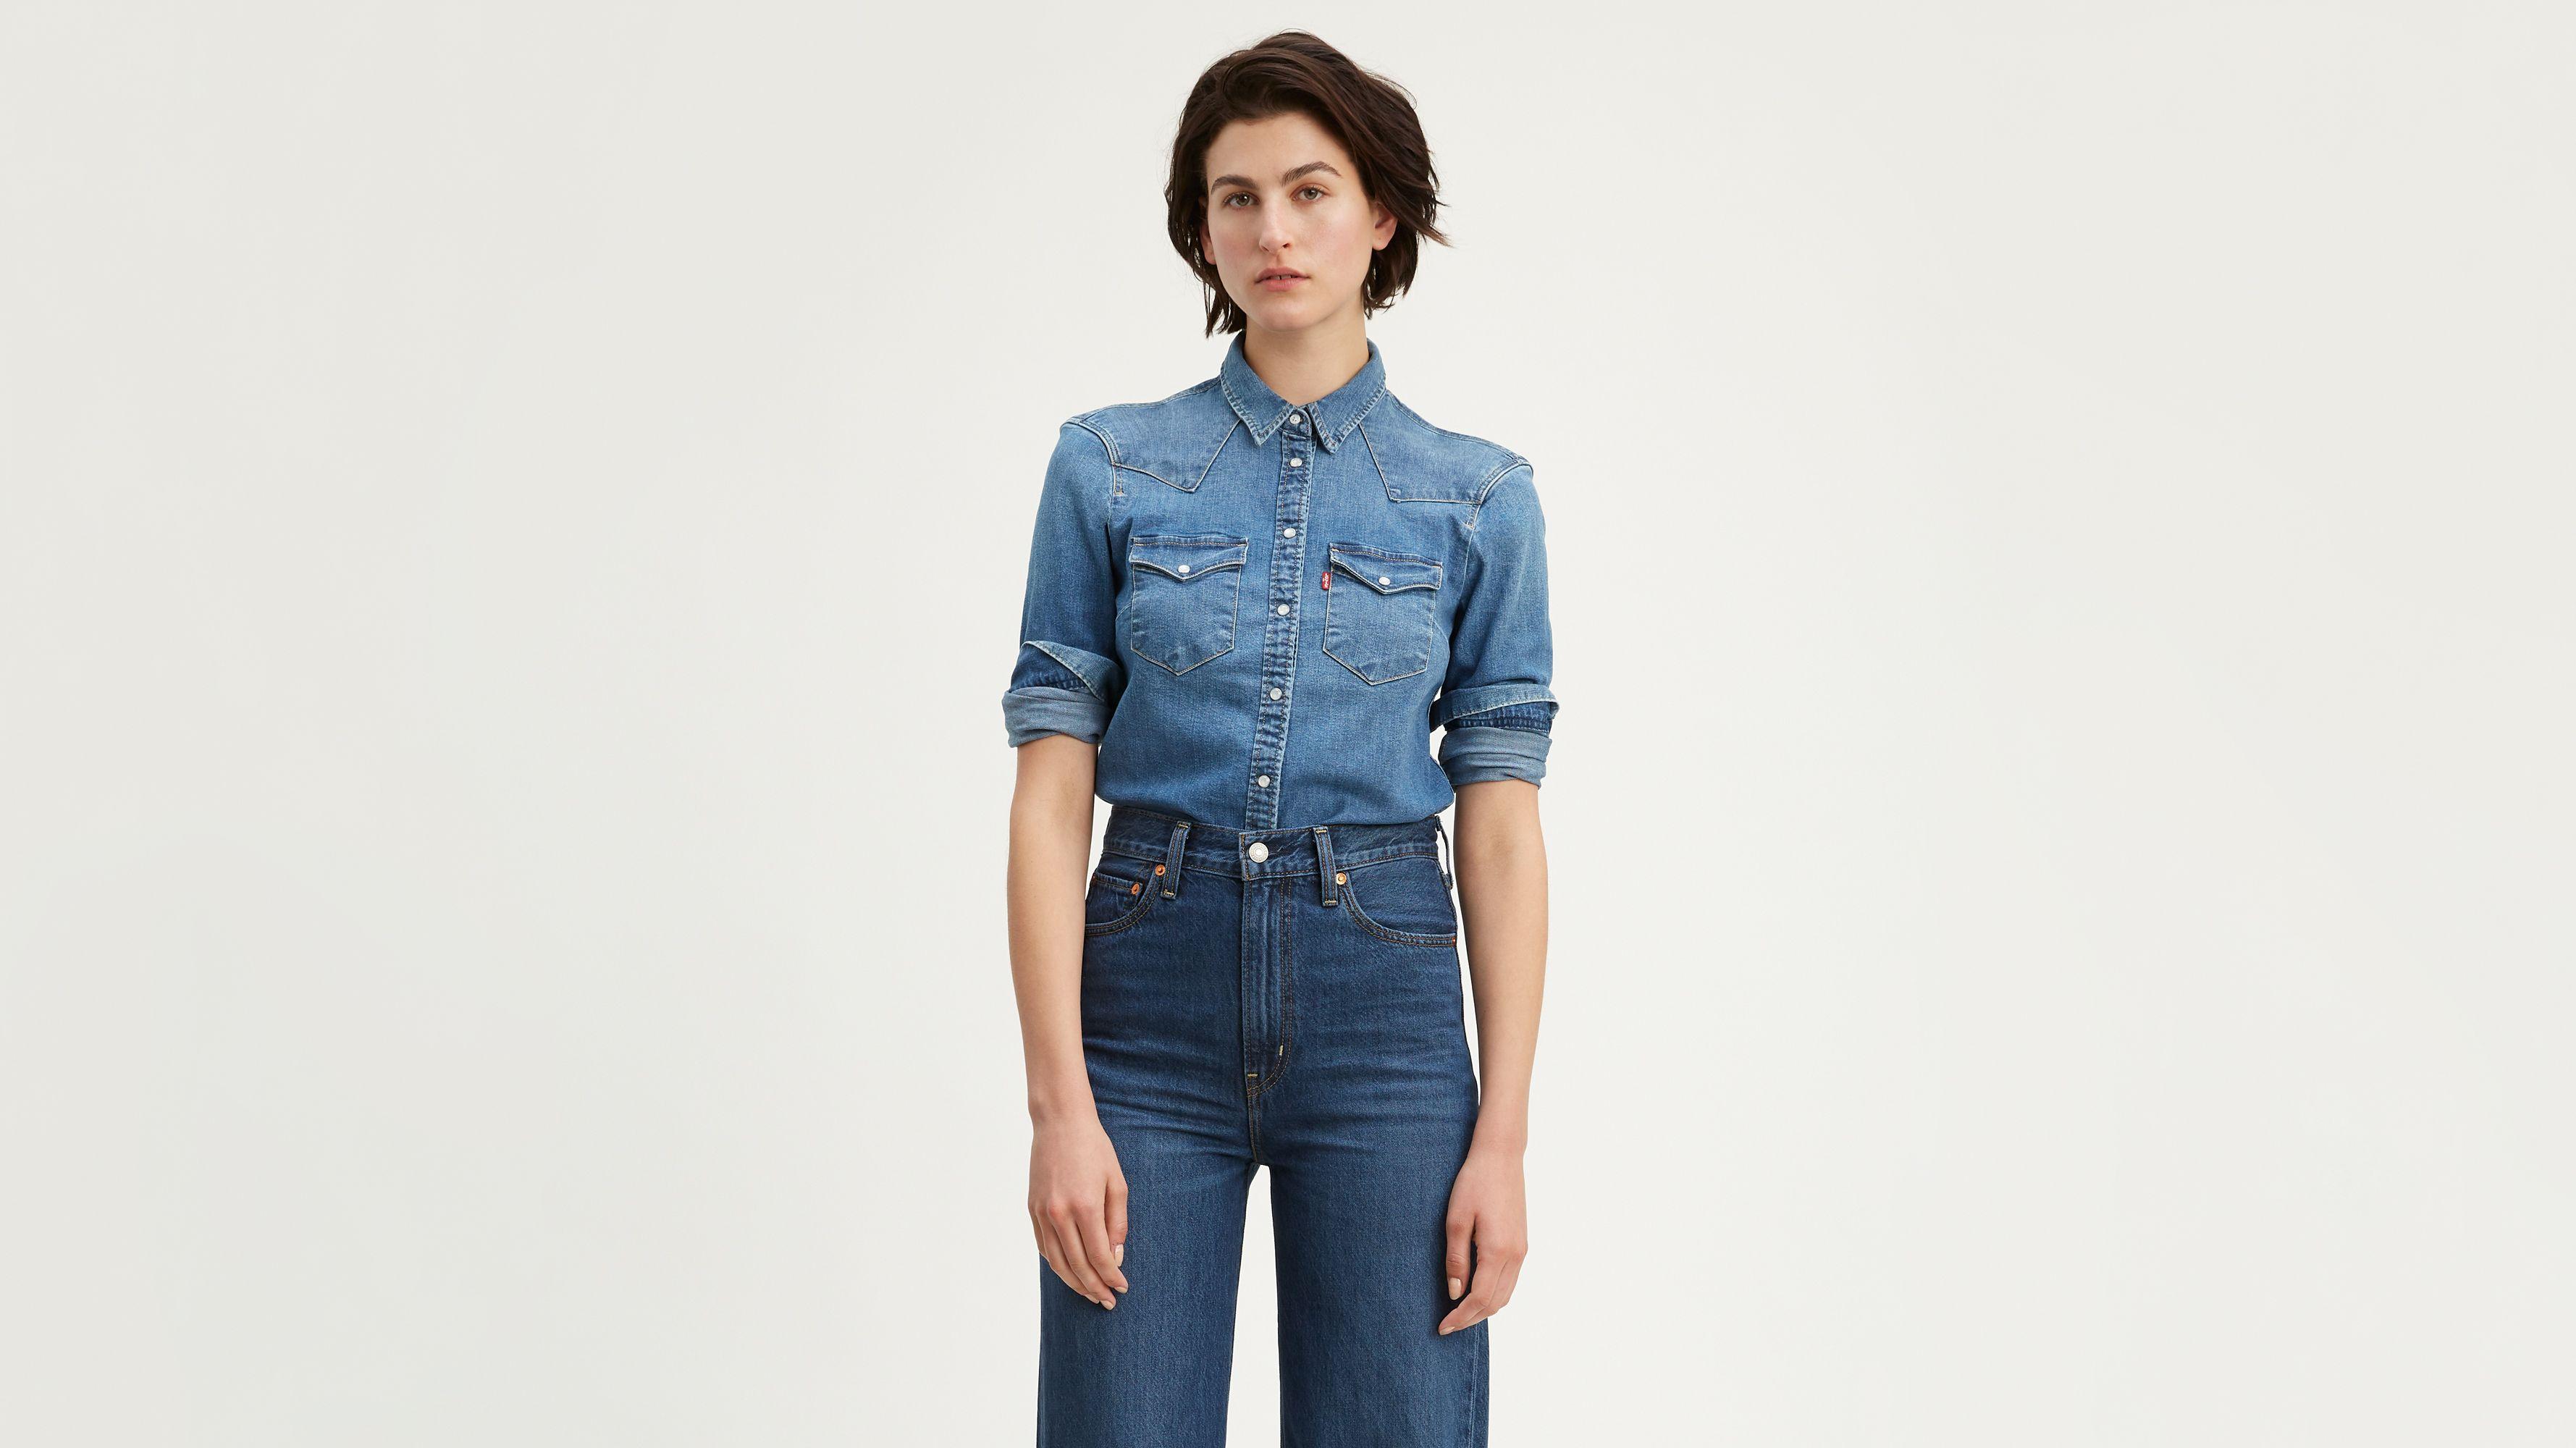 levis womens denim shirt